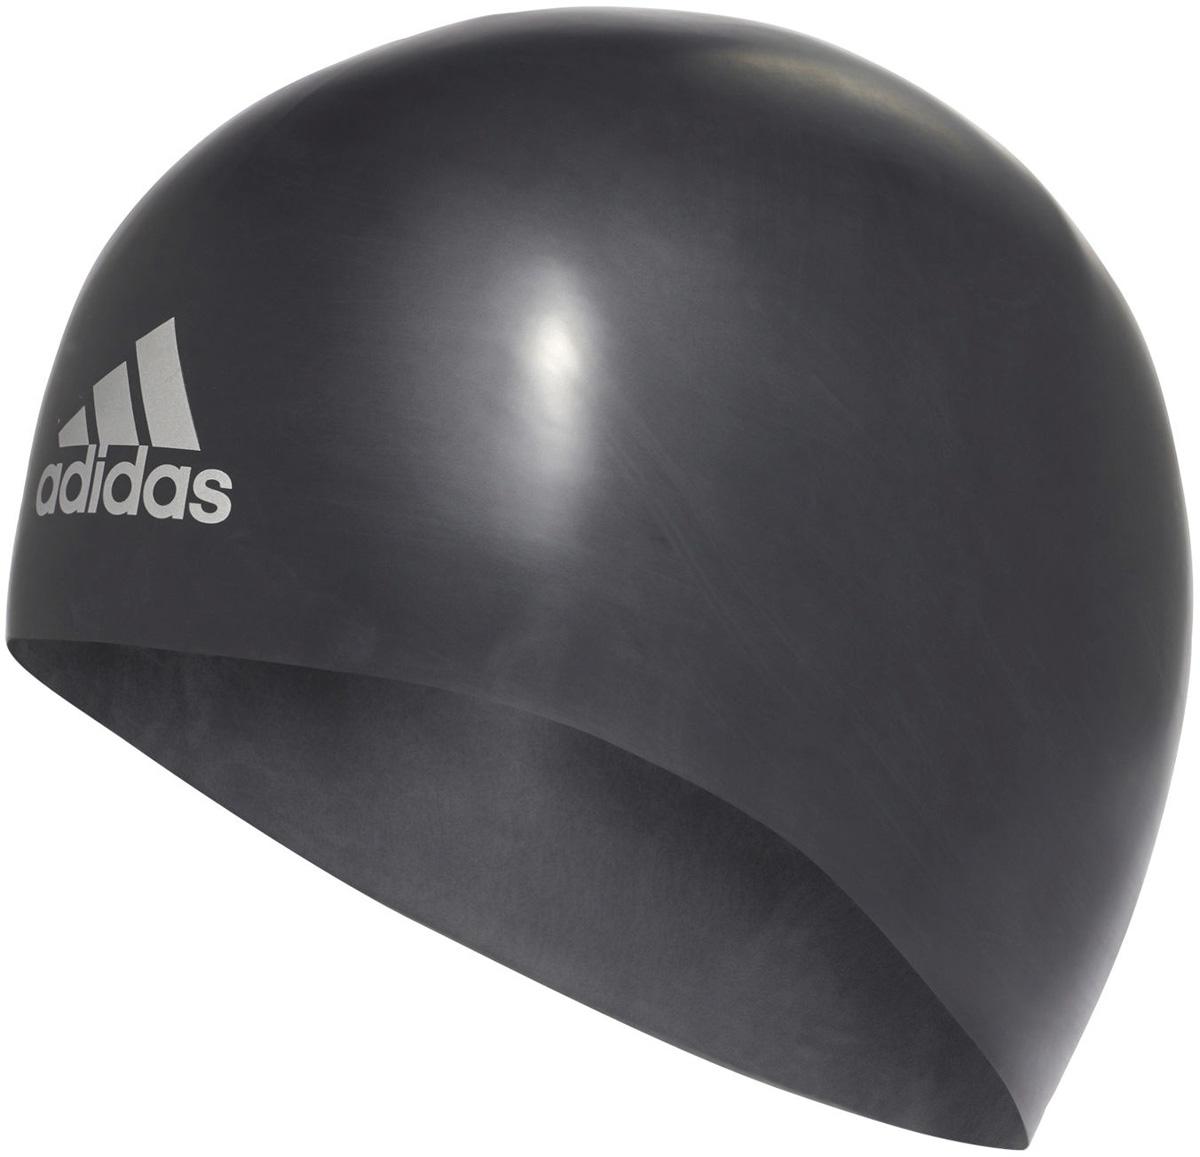 Шапочка для плавания Adidas Silicone 3D Cap, цвет: черный. Размер MM34112Шапочка анатомической формы для соревнований. Плавательная шапочка из 100% премиального силикона. Идеально сидит на голове благодаря специальному эргономичному дизайну. Материал препятствует образованию складок. Различная плотность обеспечивает оптимальную обтекаемость и уменьшает сопротивление воды. Необходимый аксессуар для каждого спортсмена.Не мнется и не собирается в складки благодаря анатомической форме. Эргономичный дизайн для максимального комфорта. Разная плотность материала для большей обтекаемости. Идеальная посадка благодаря заданной форме. 100% силикон.